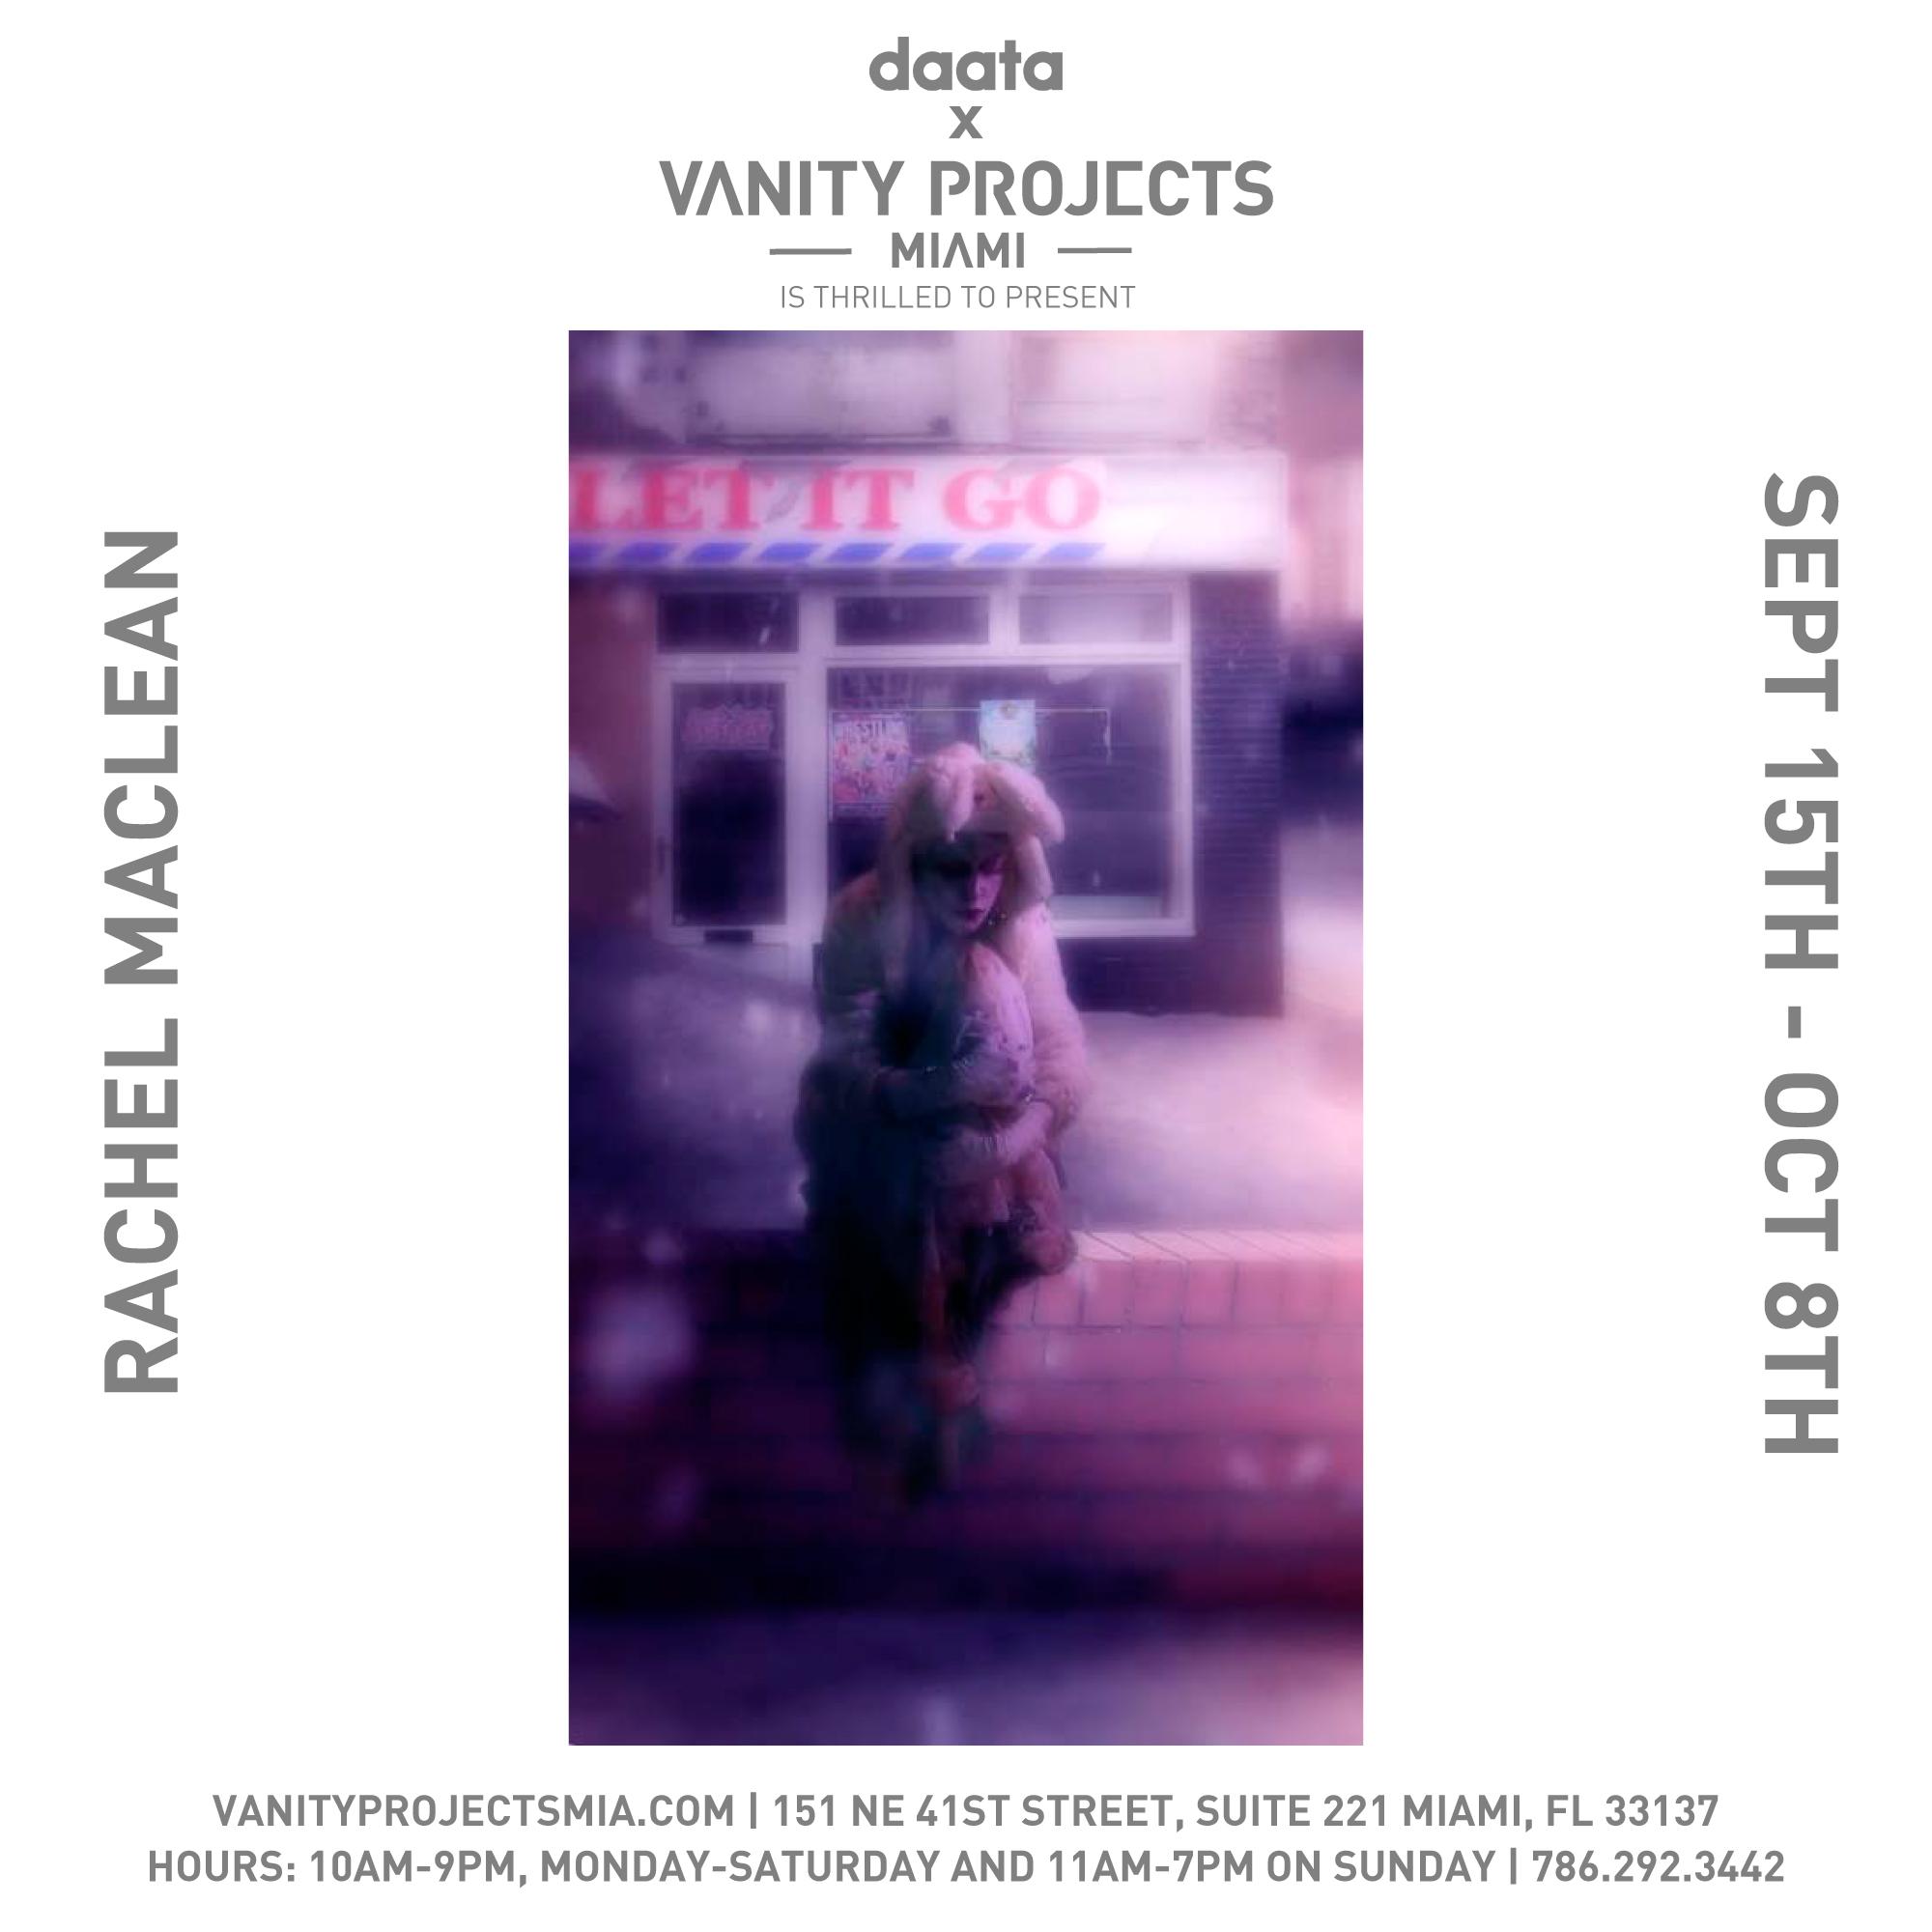 vp_announcements_daata_Rachel_Maclean_2.jpg